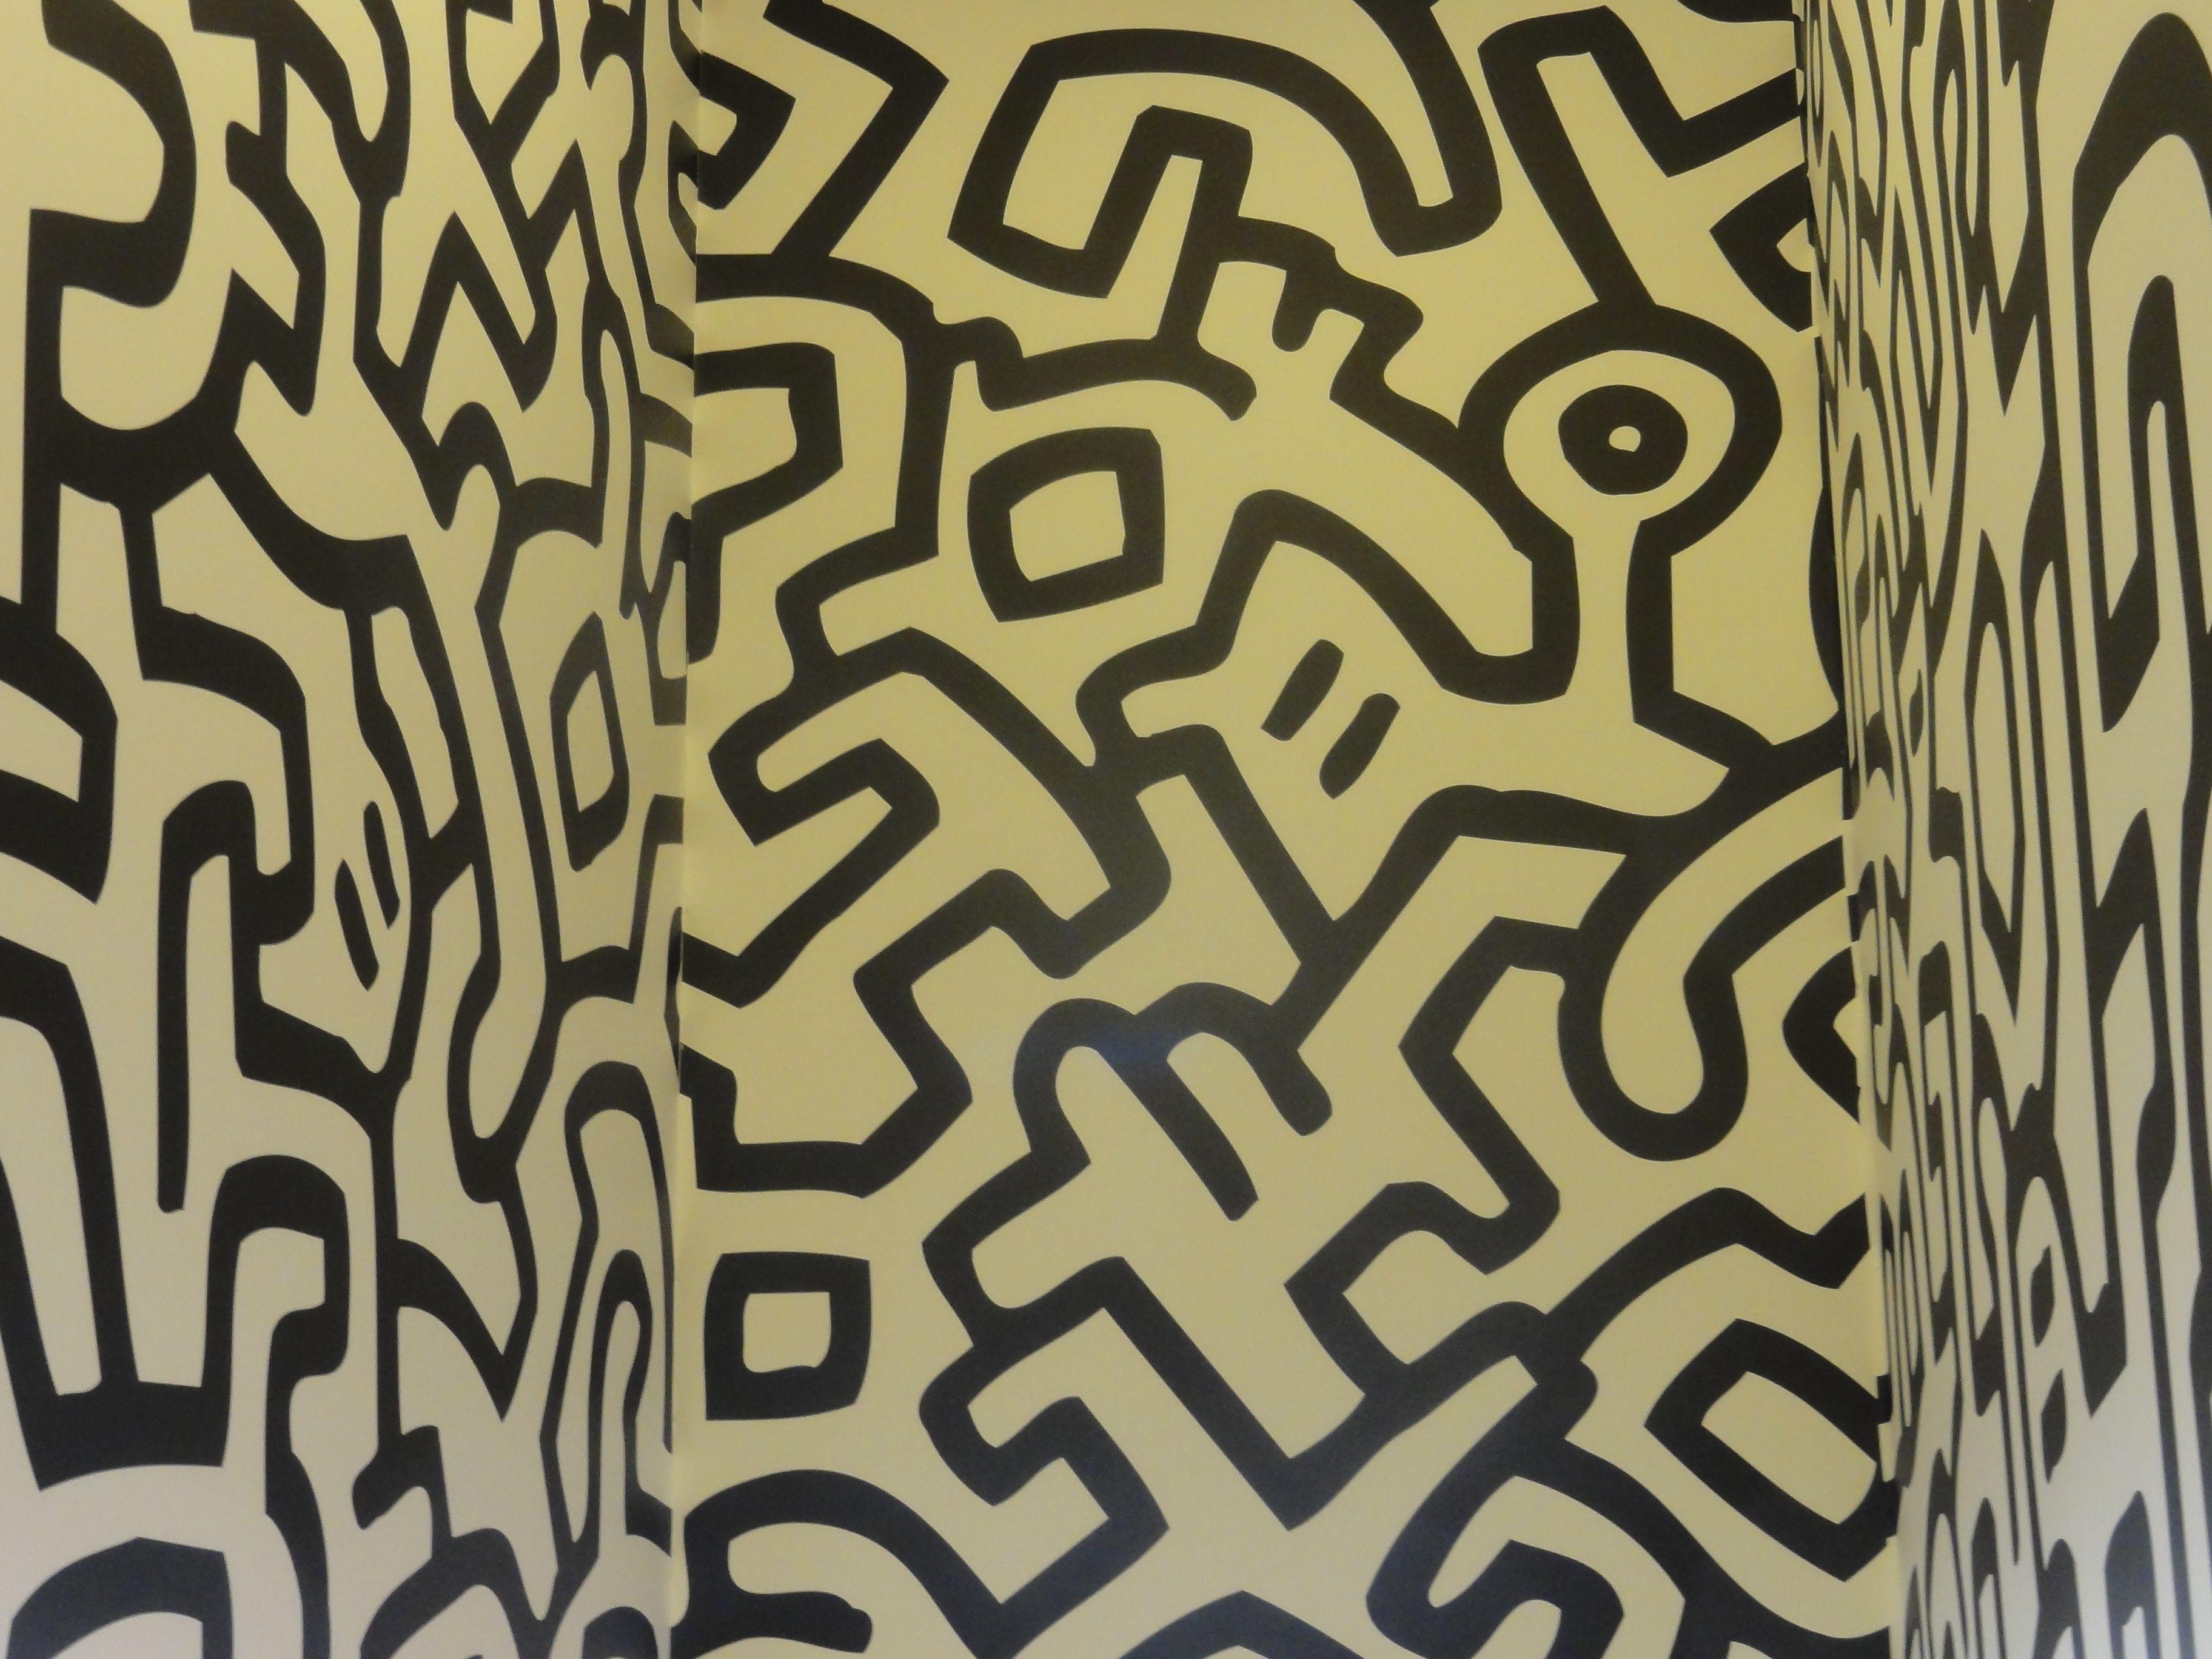 Keith Haring Ausstellung In München Kunsthalle 2015 München